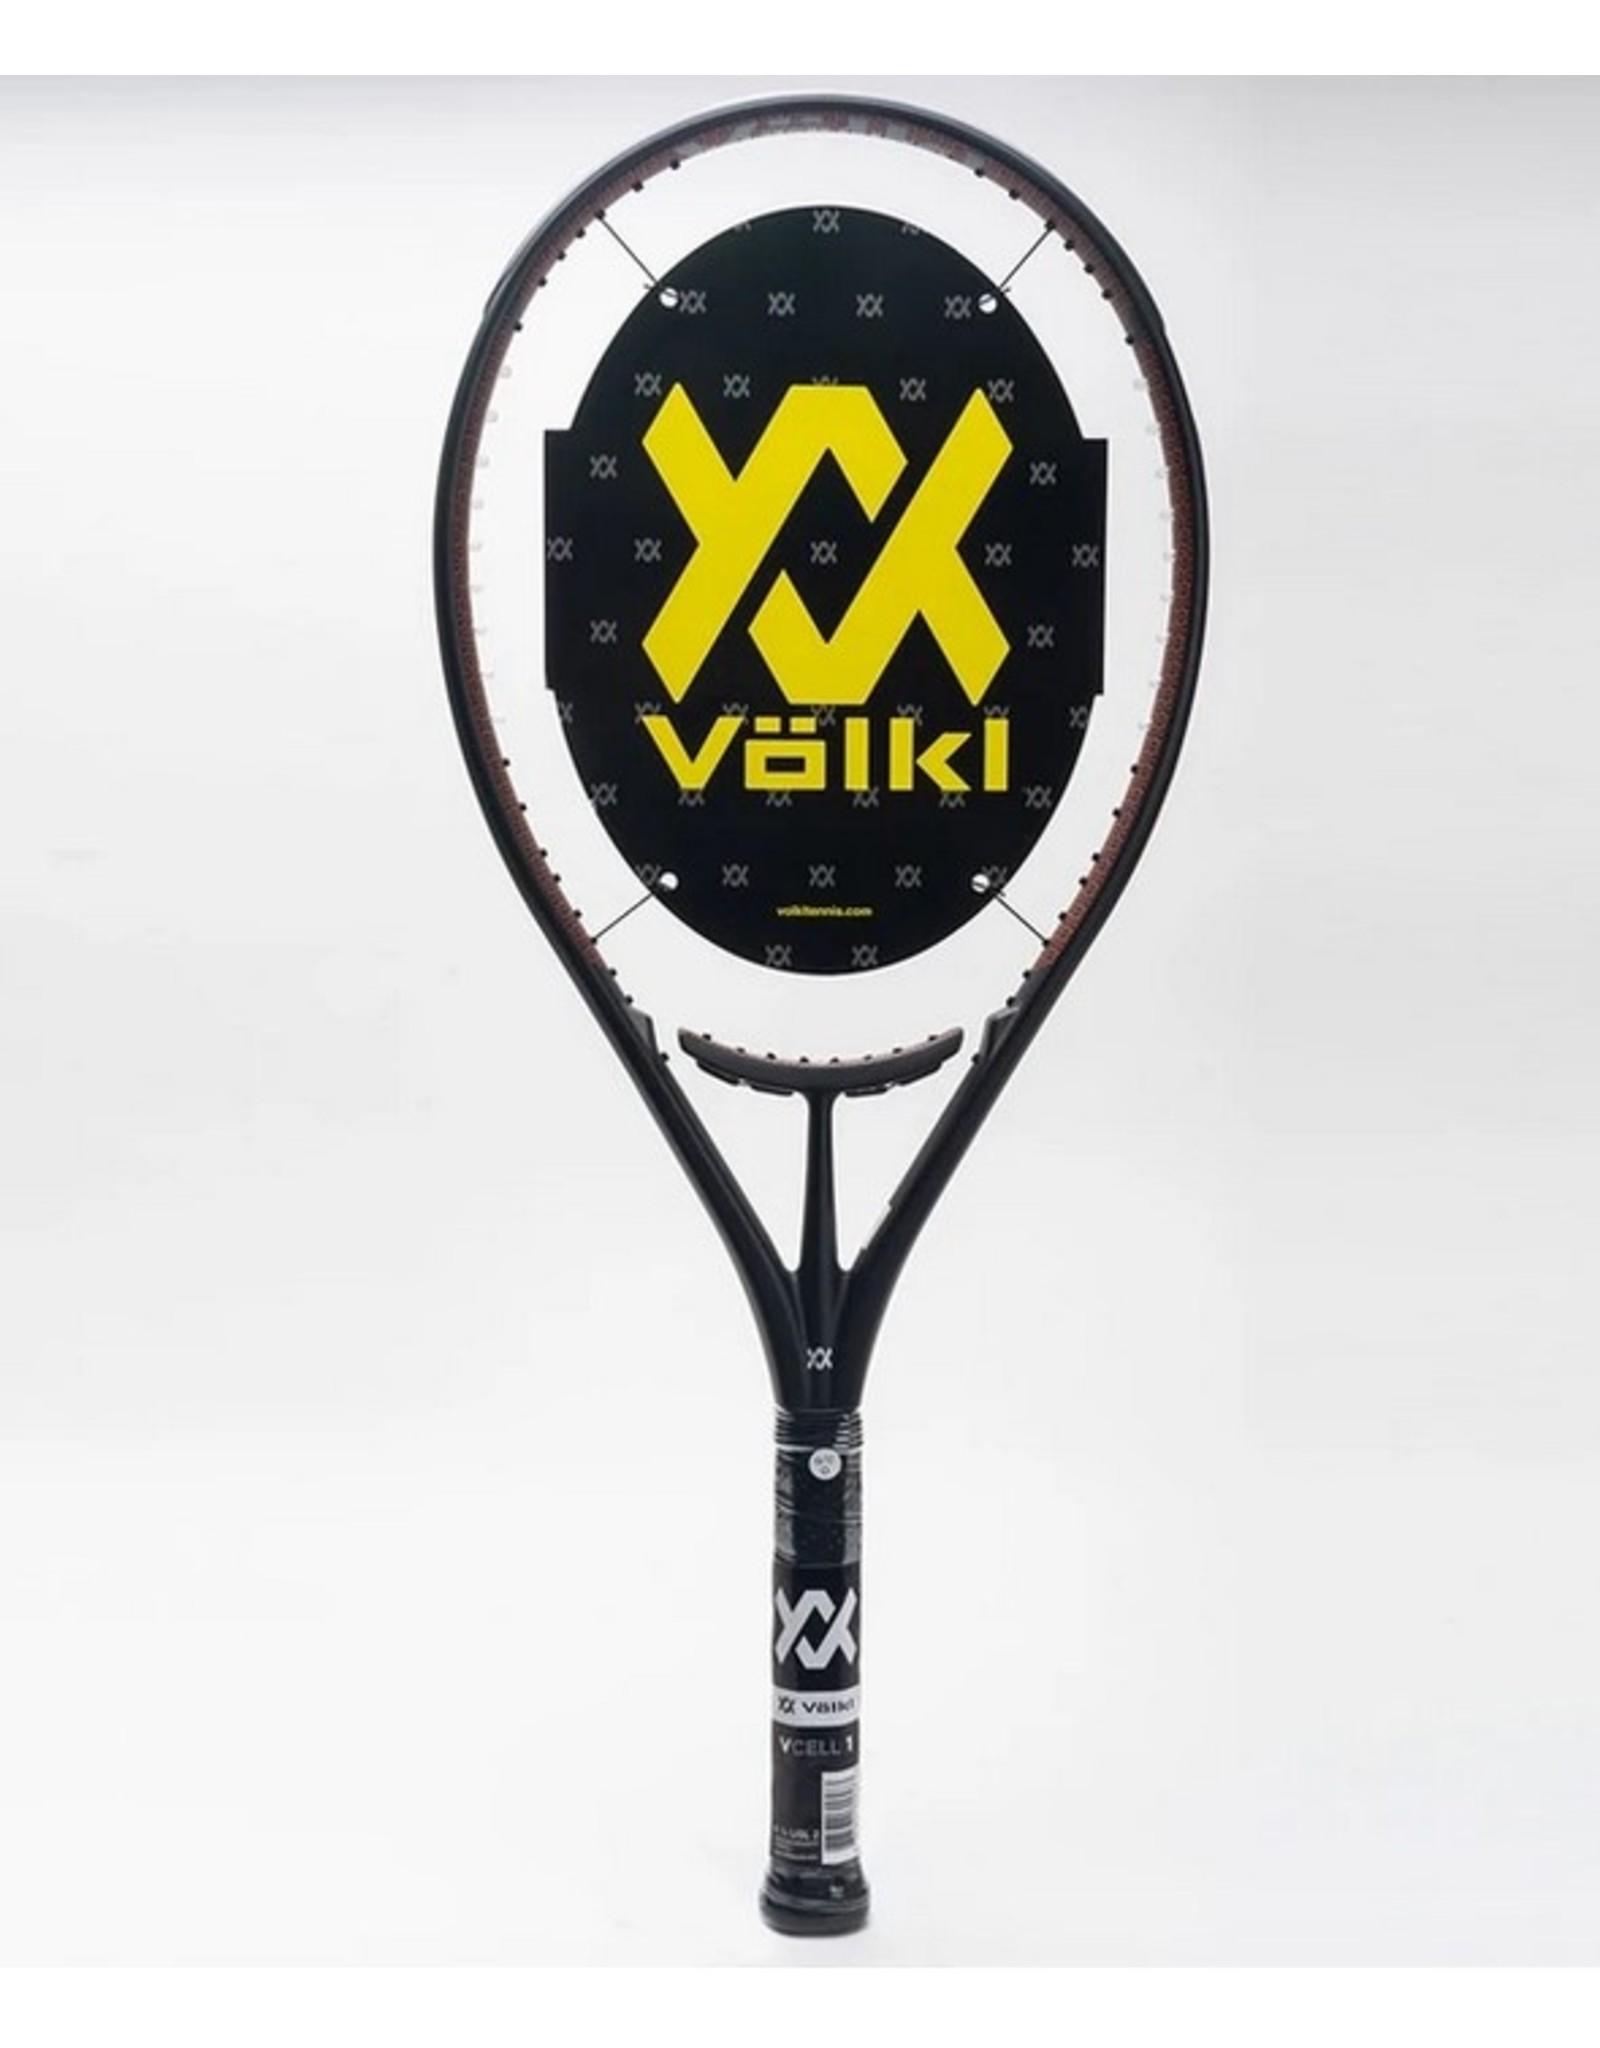 Volkl V-Cell 1 Tennis Racquet